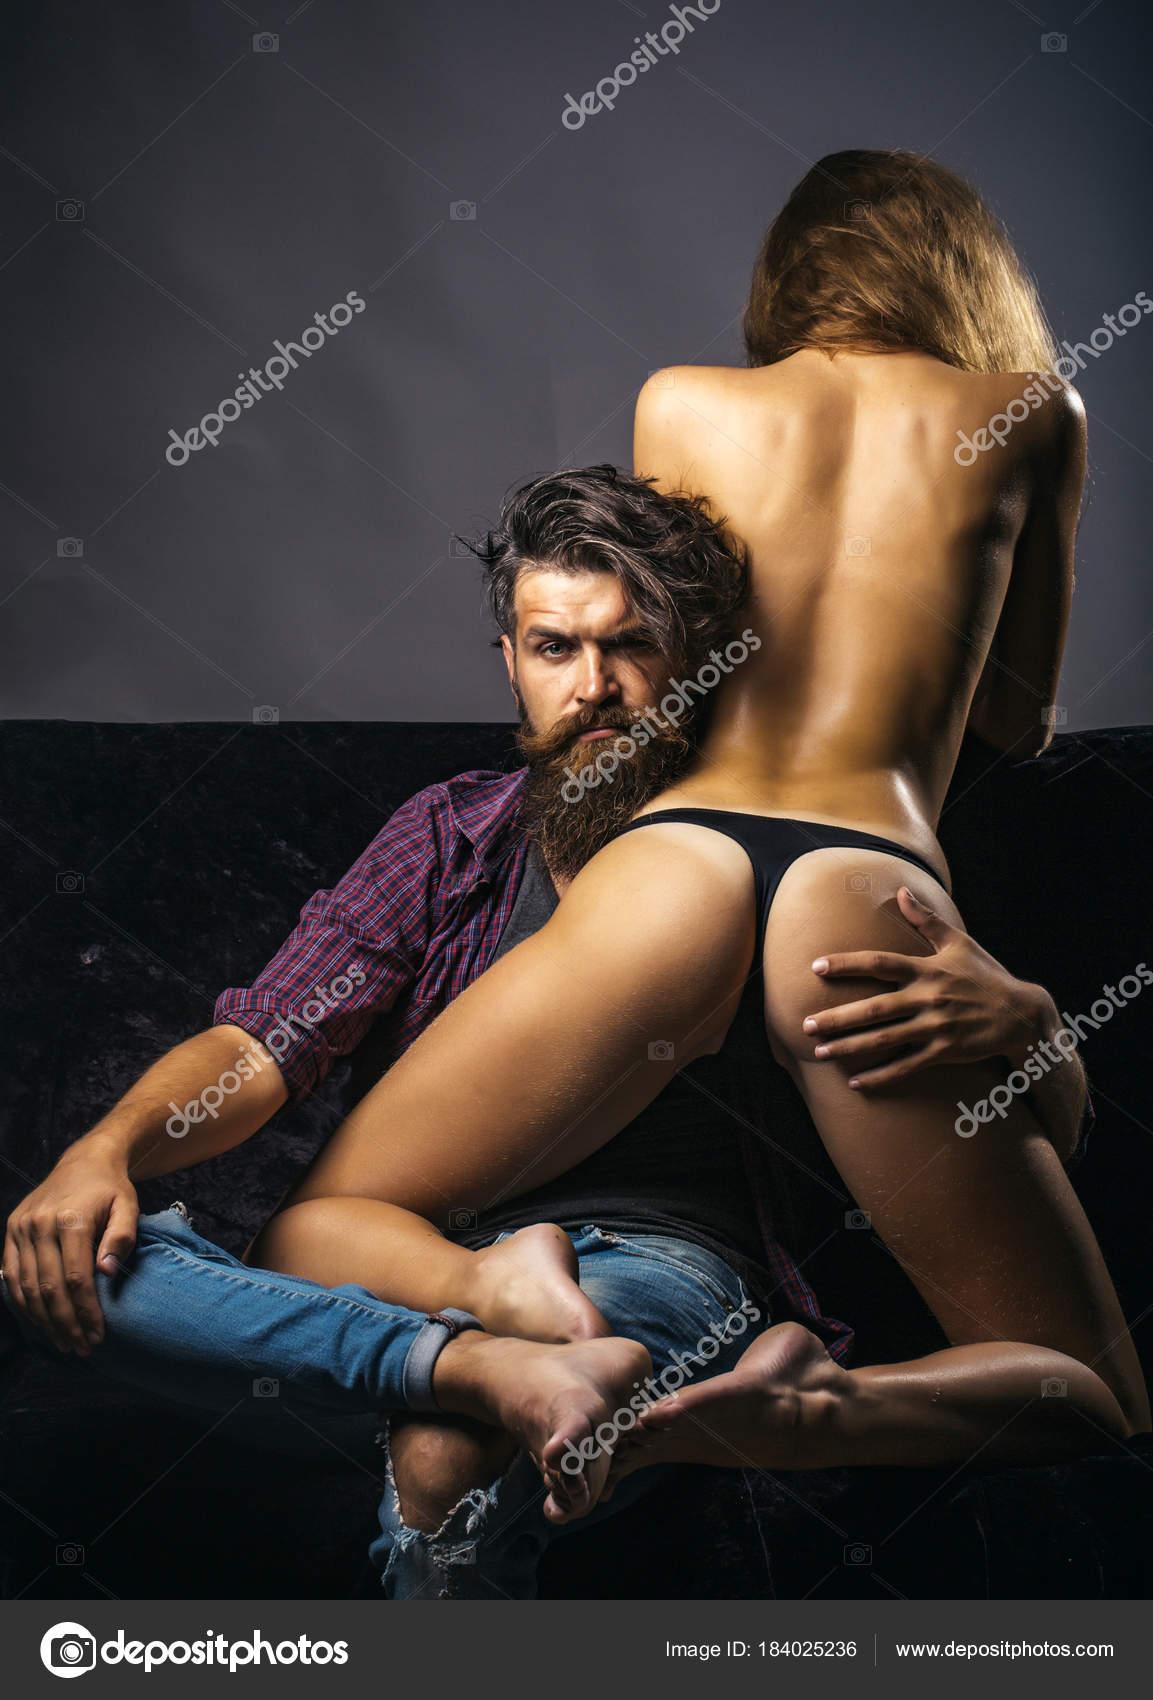 Сексуаьлные позы влюбленных